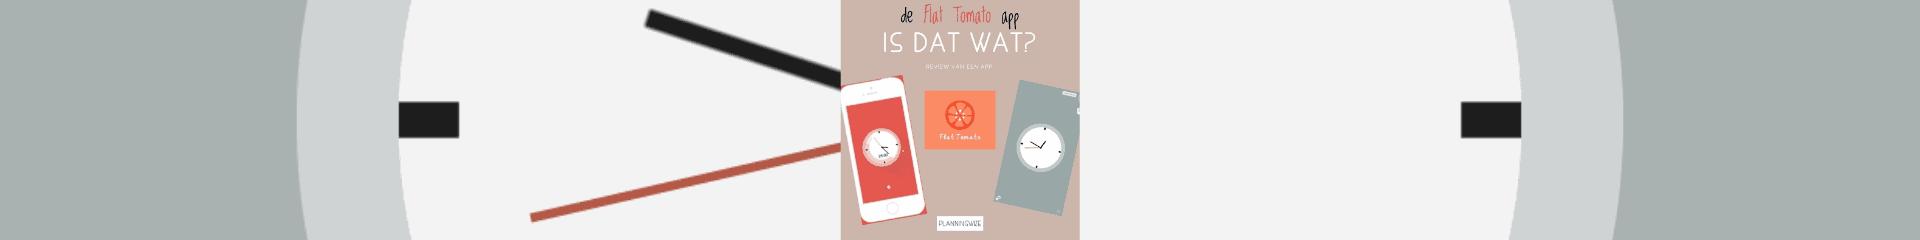 De Flat Tomato App, is dat wat?